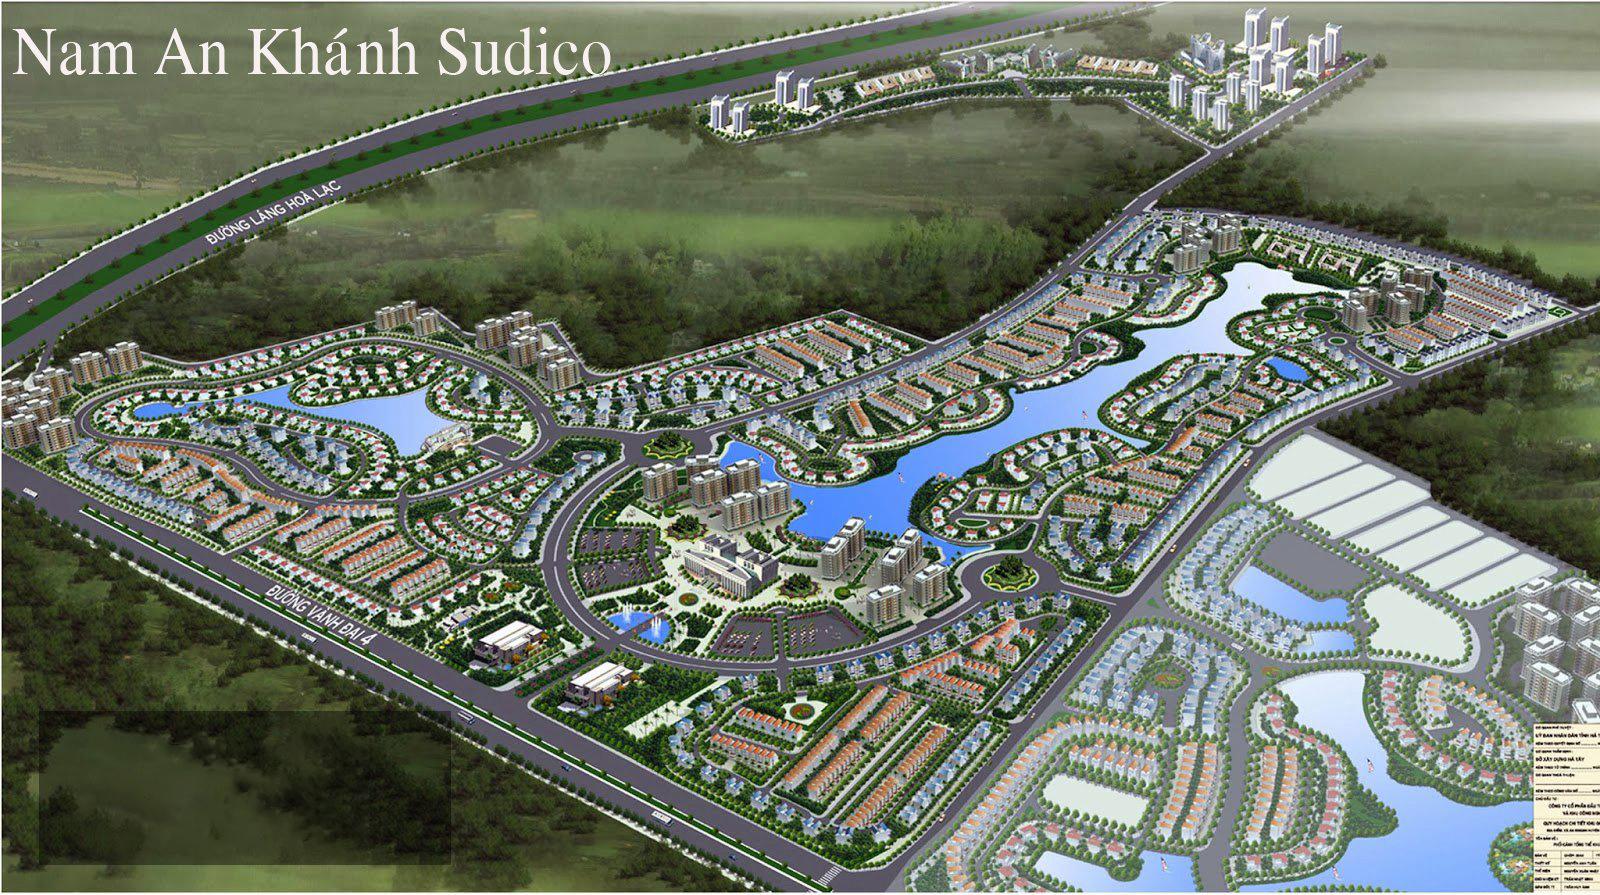 Khu đô thị Nam An Khánh Sudico